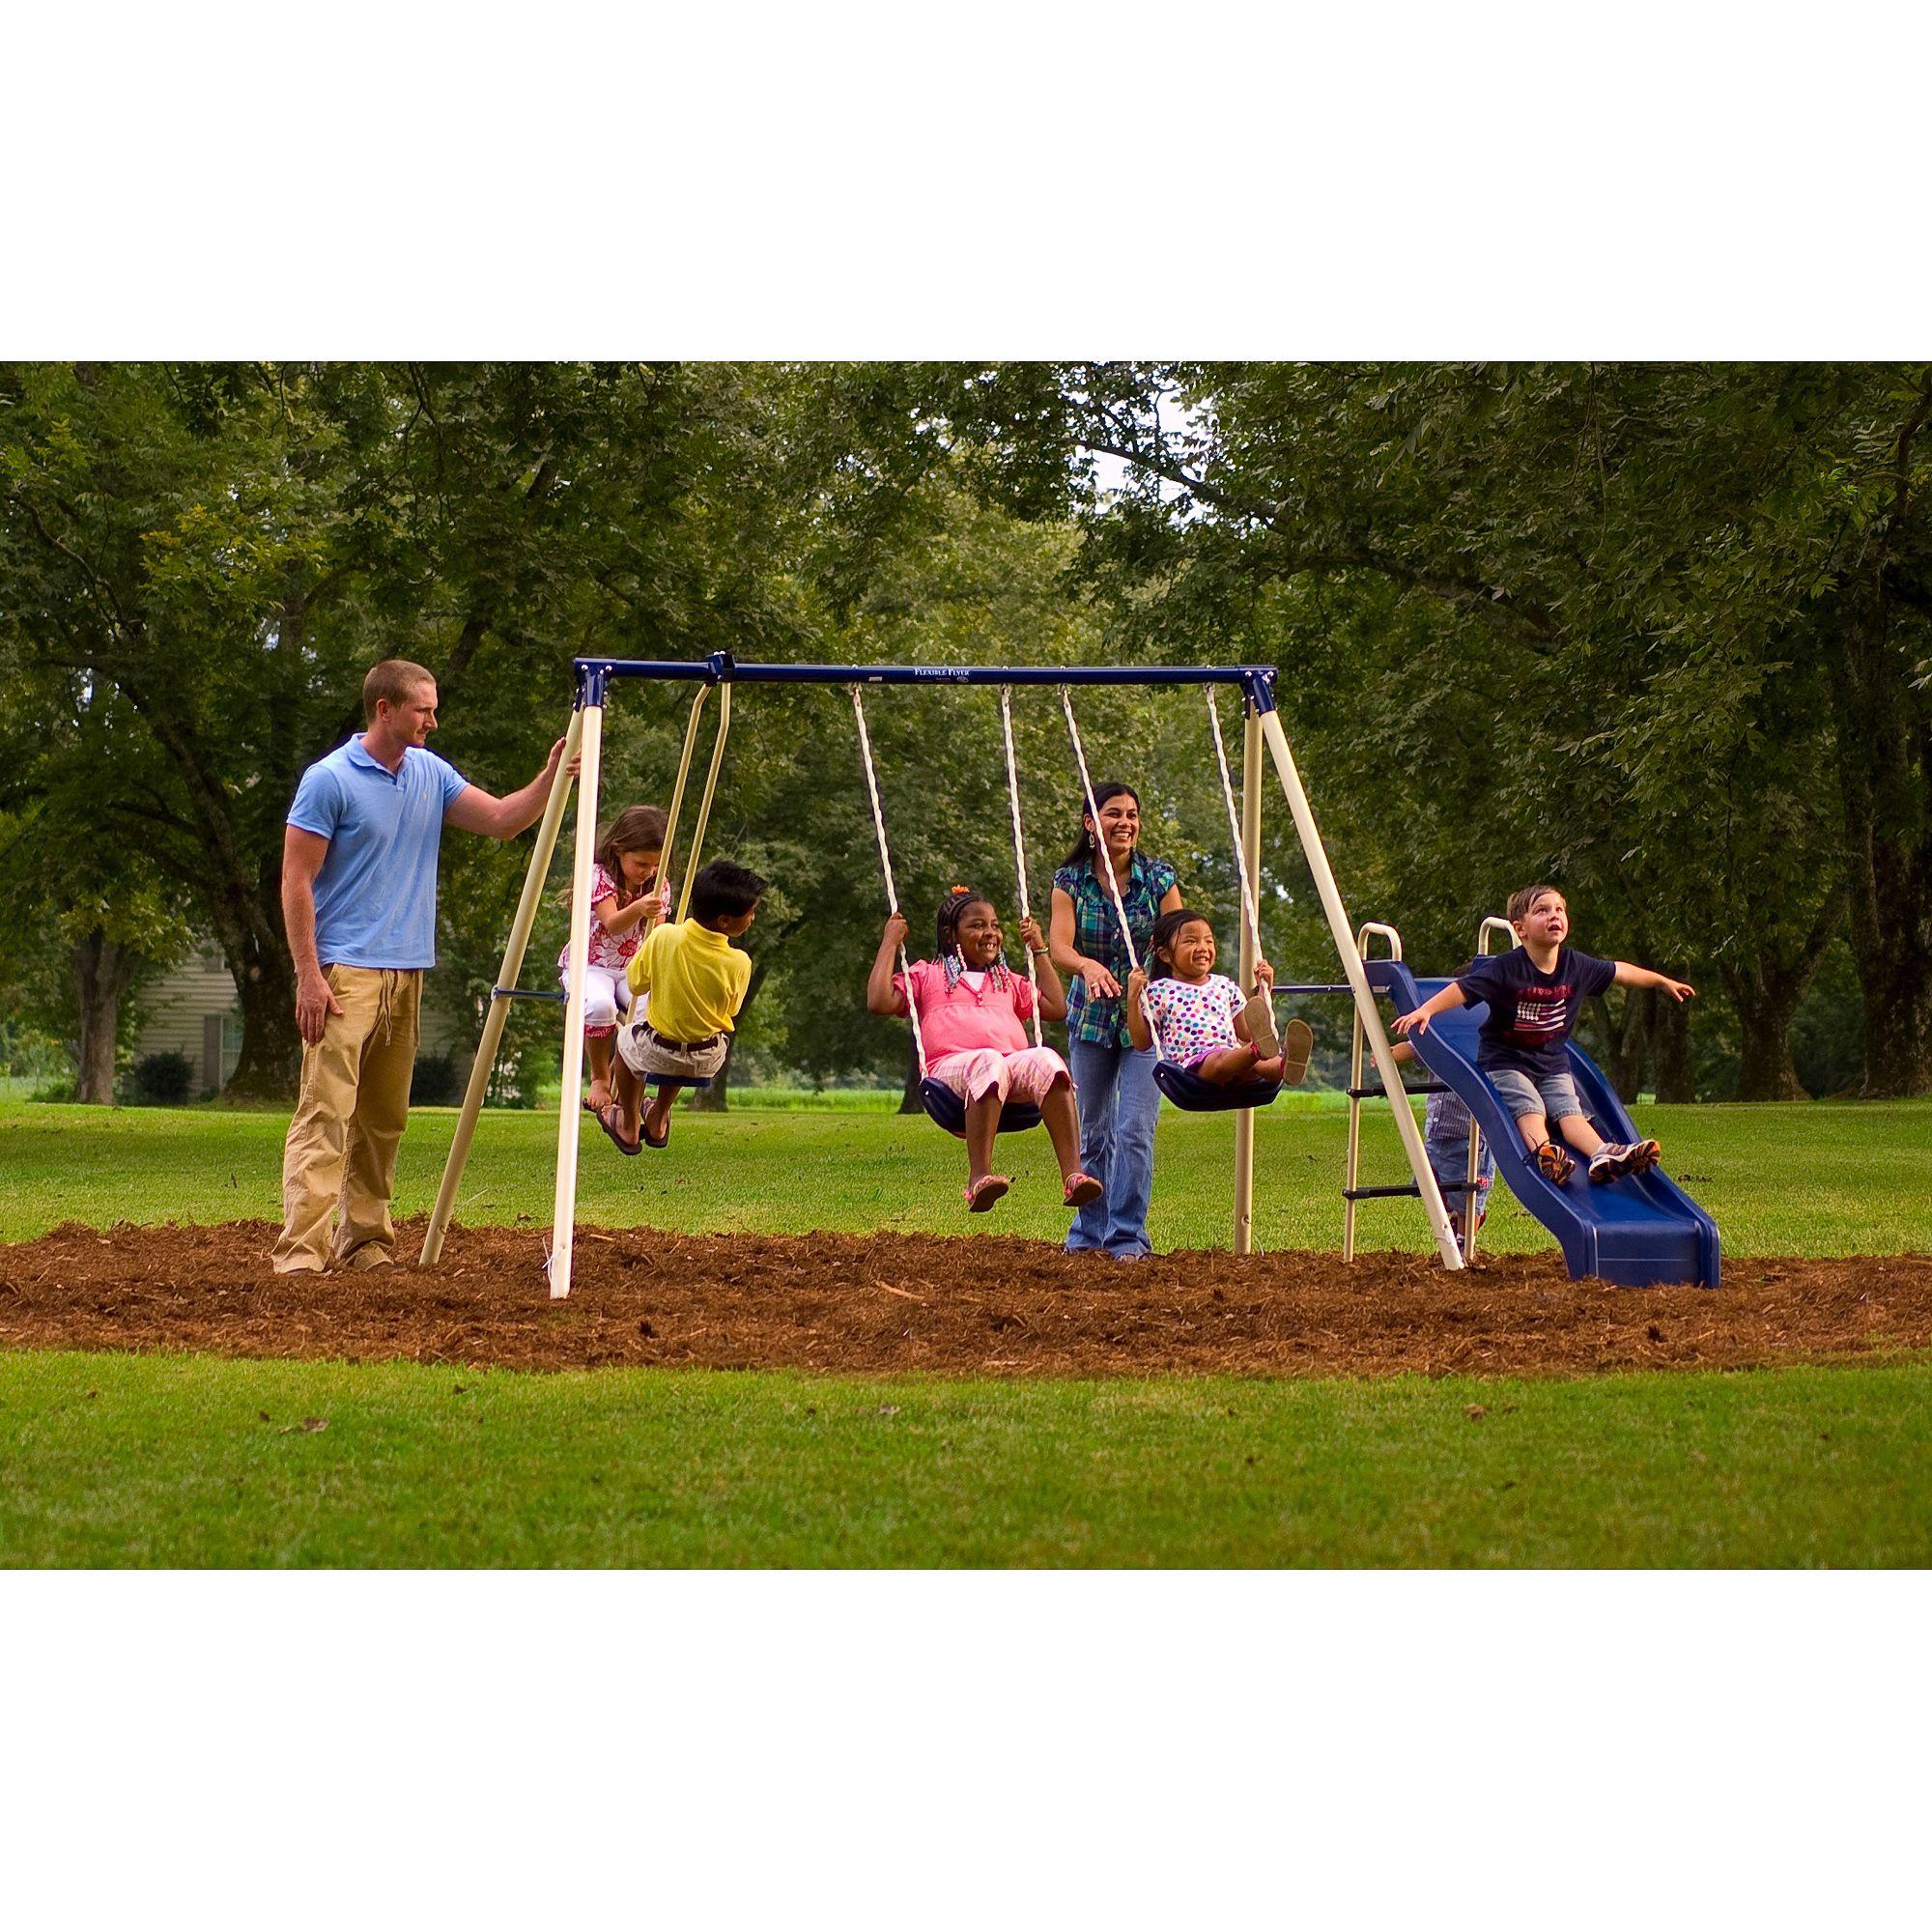 Flexible Flyer Backyard Swingin Fun Metal Swing Set ...